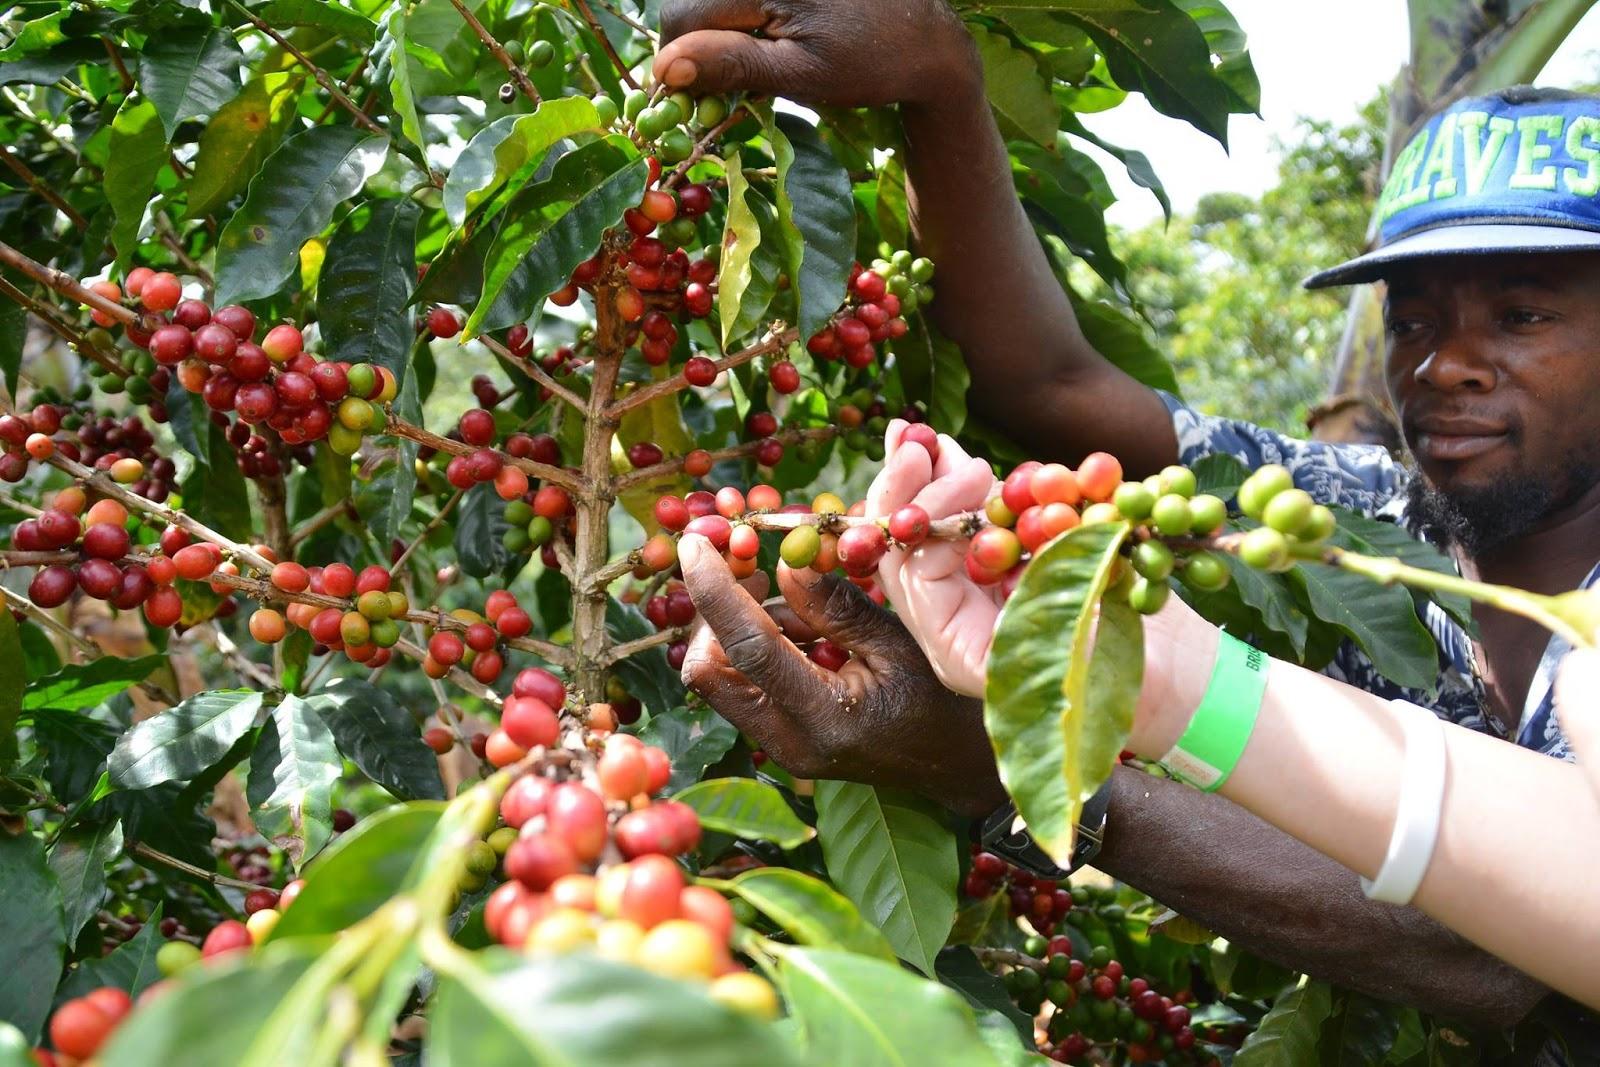 多明尼加有機咖啡產區之一Jarabacoa︱全球絲路有限公司提供